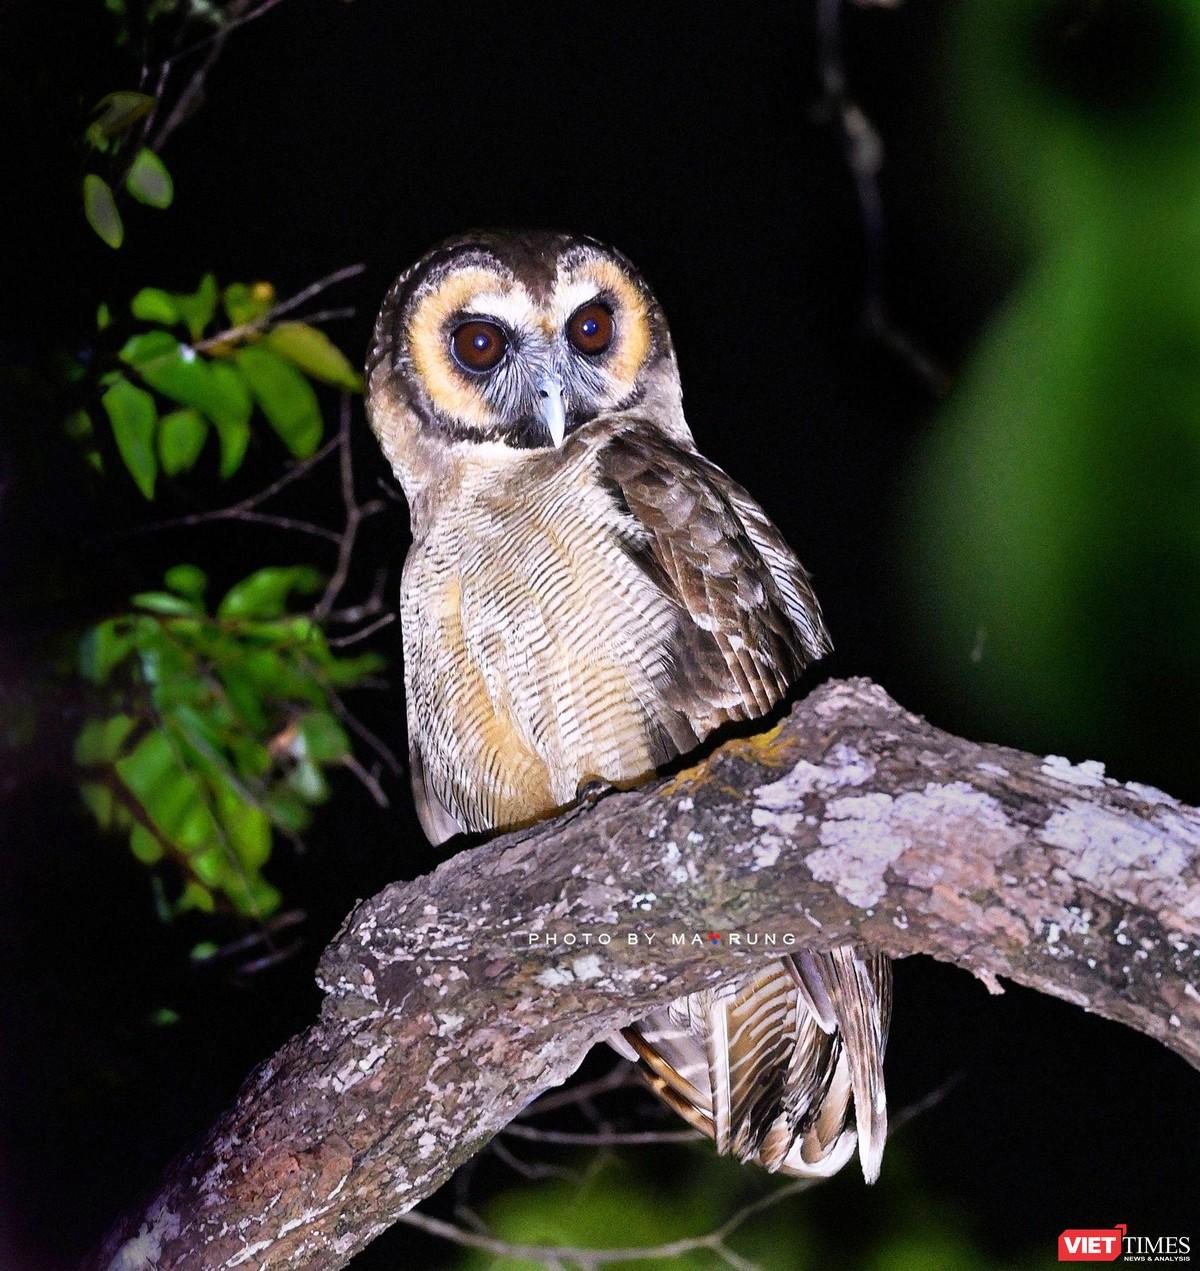 Săn ảnh chim với Ma Rừng và Phù Thủy ảnh 17